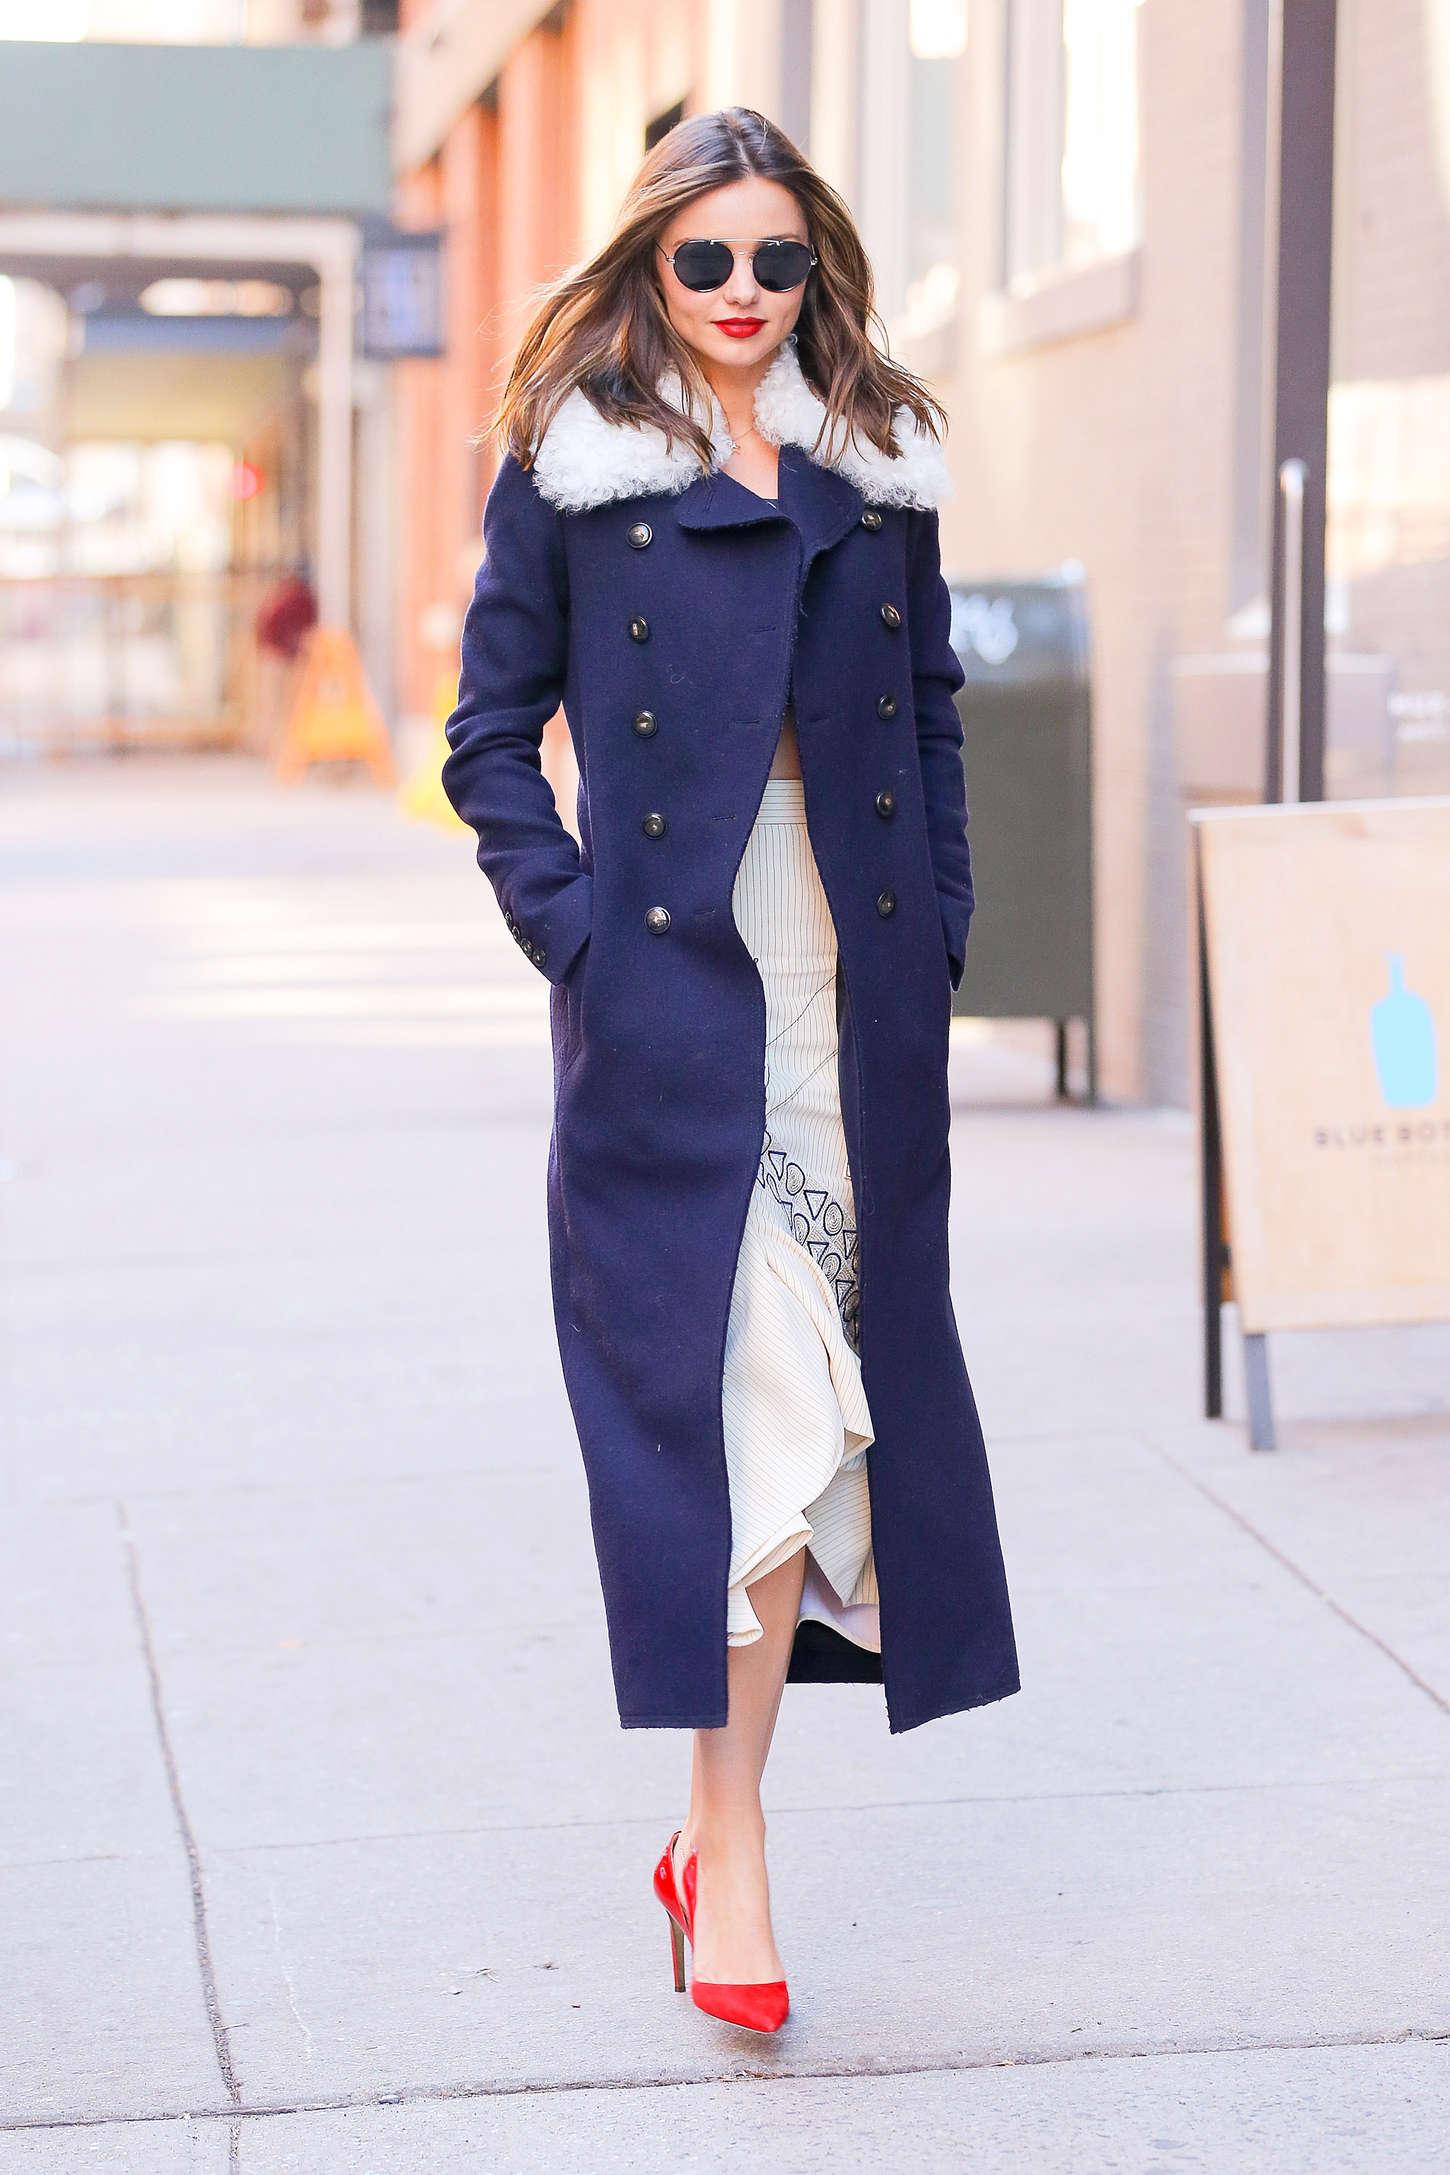 Miranda Kerr 2015 : Miranda Kerr out in NYC -15